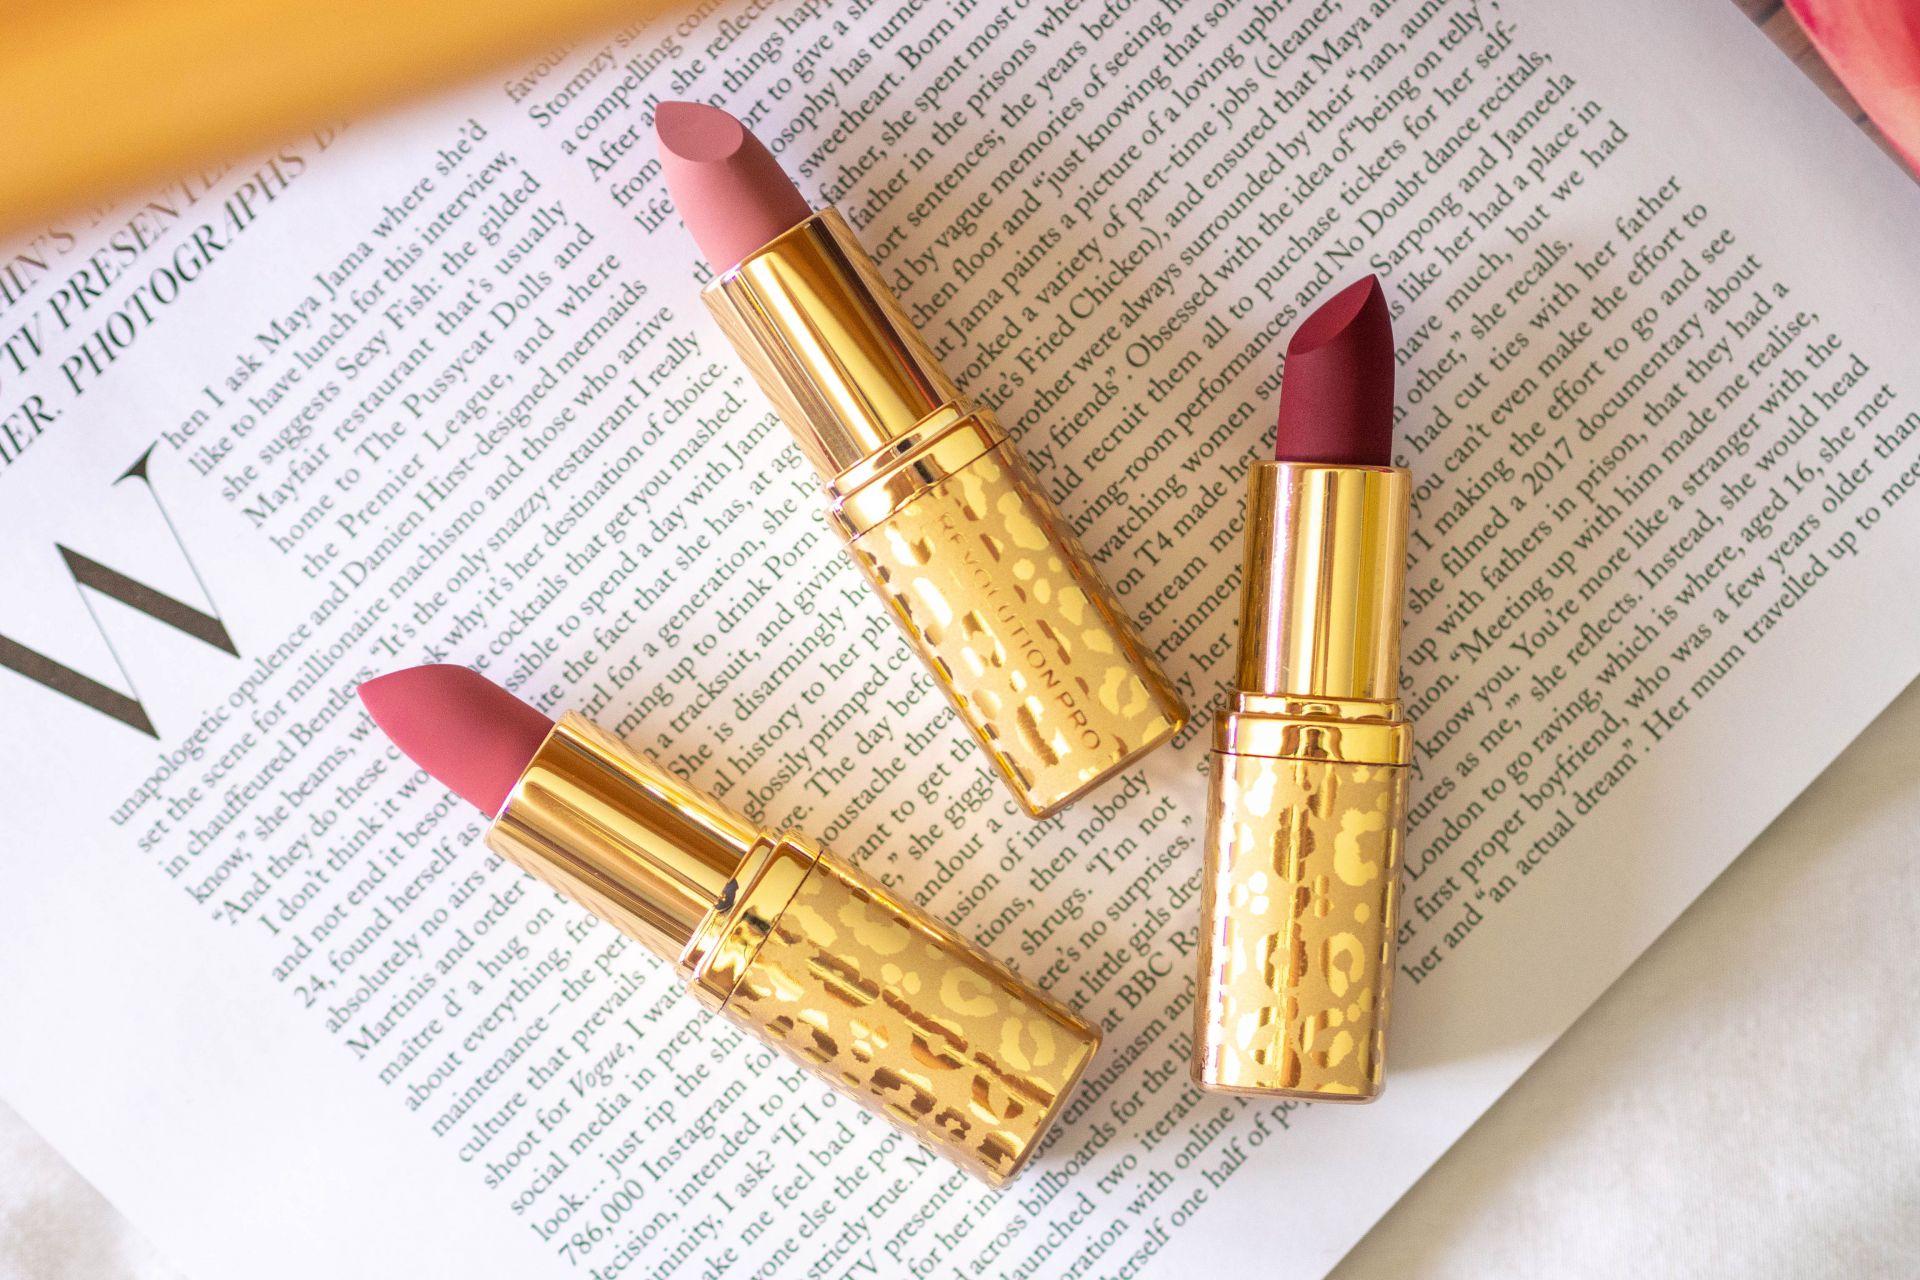 Revolution Pro New Neutral Satin Matte Lipstick Review